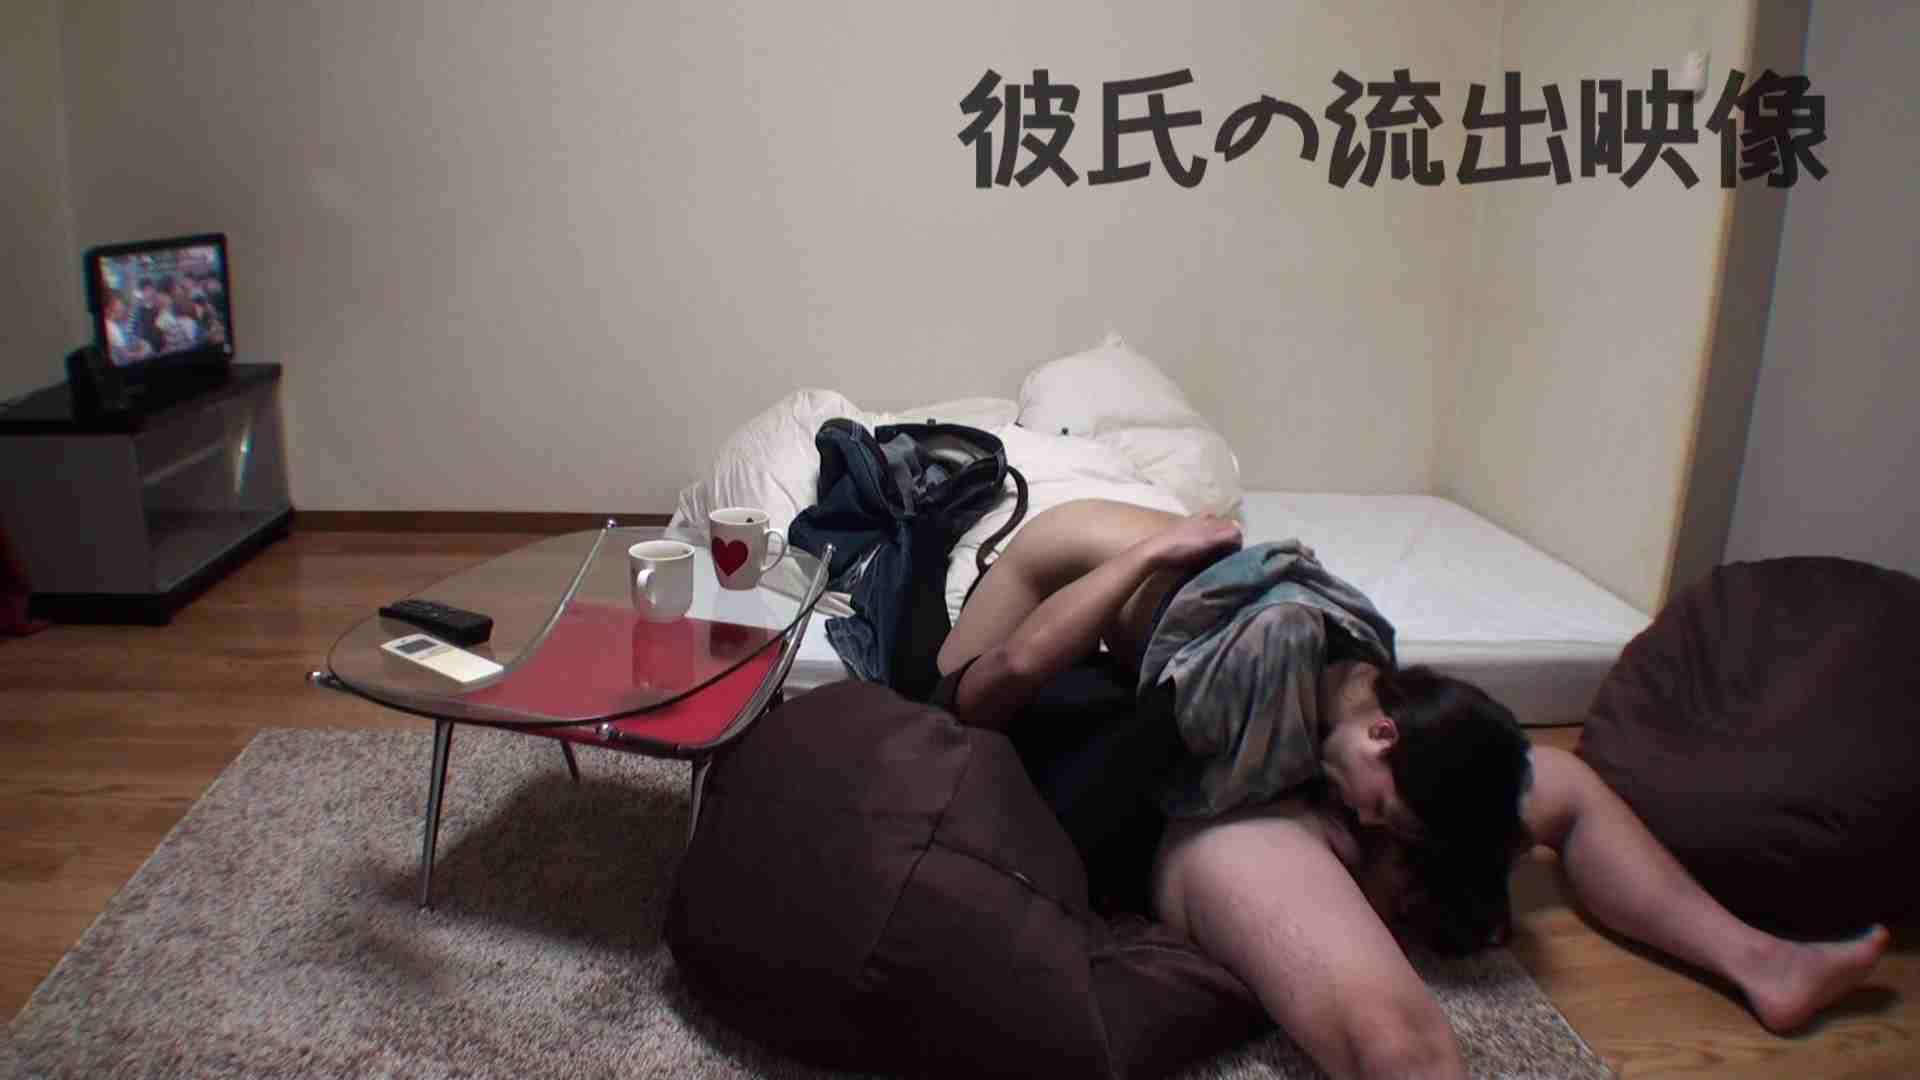 彼氏が流出 パイパン素人嬢のハメ撮り映像02 一般投稿 | ギャル達のSEX  61画像 32